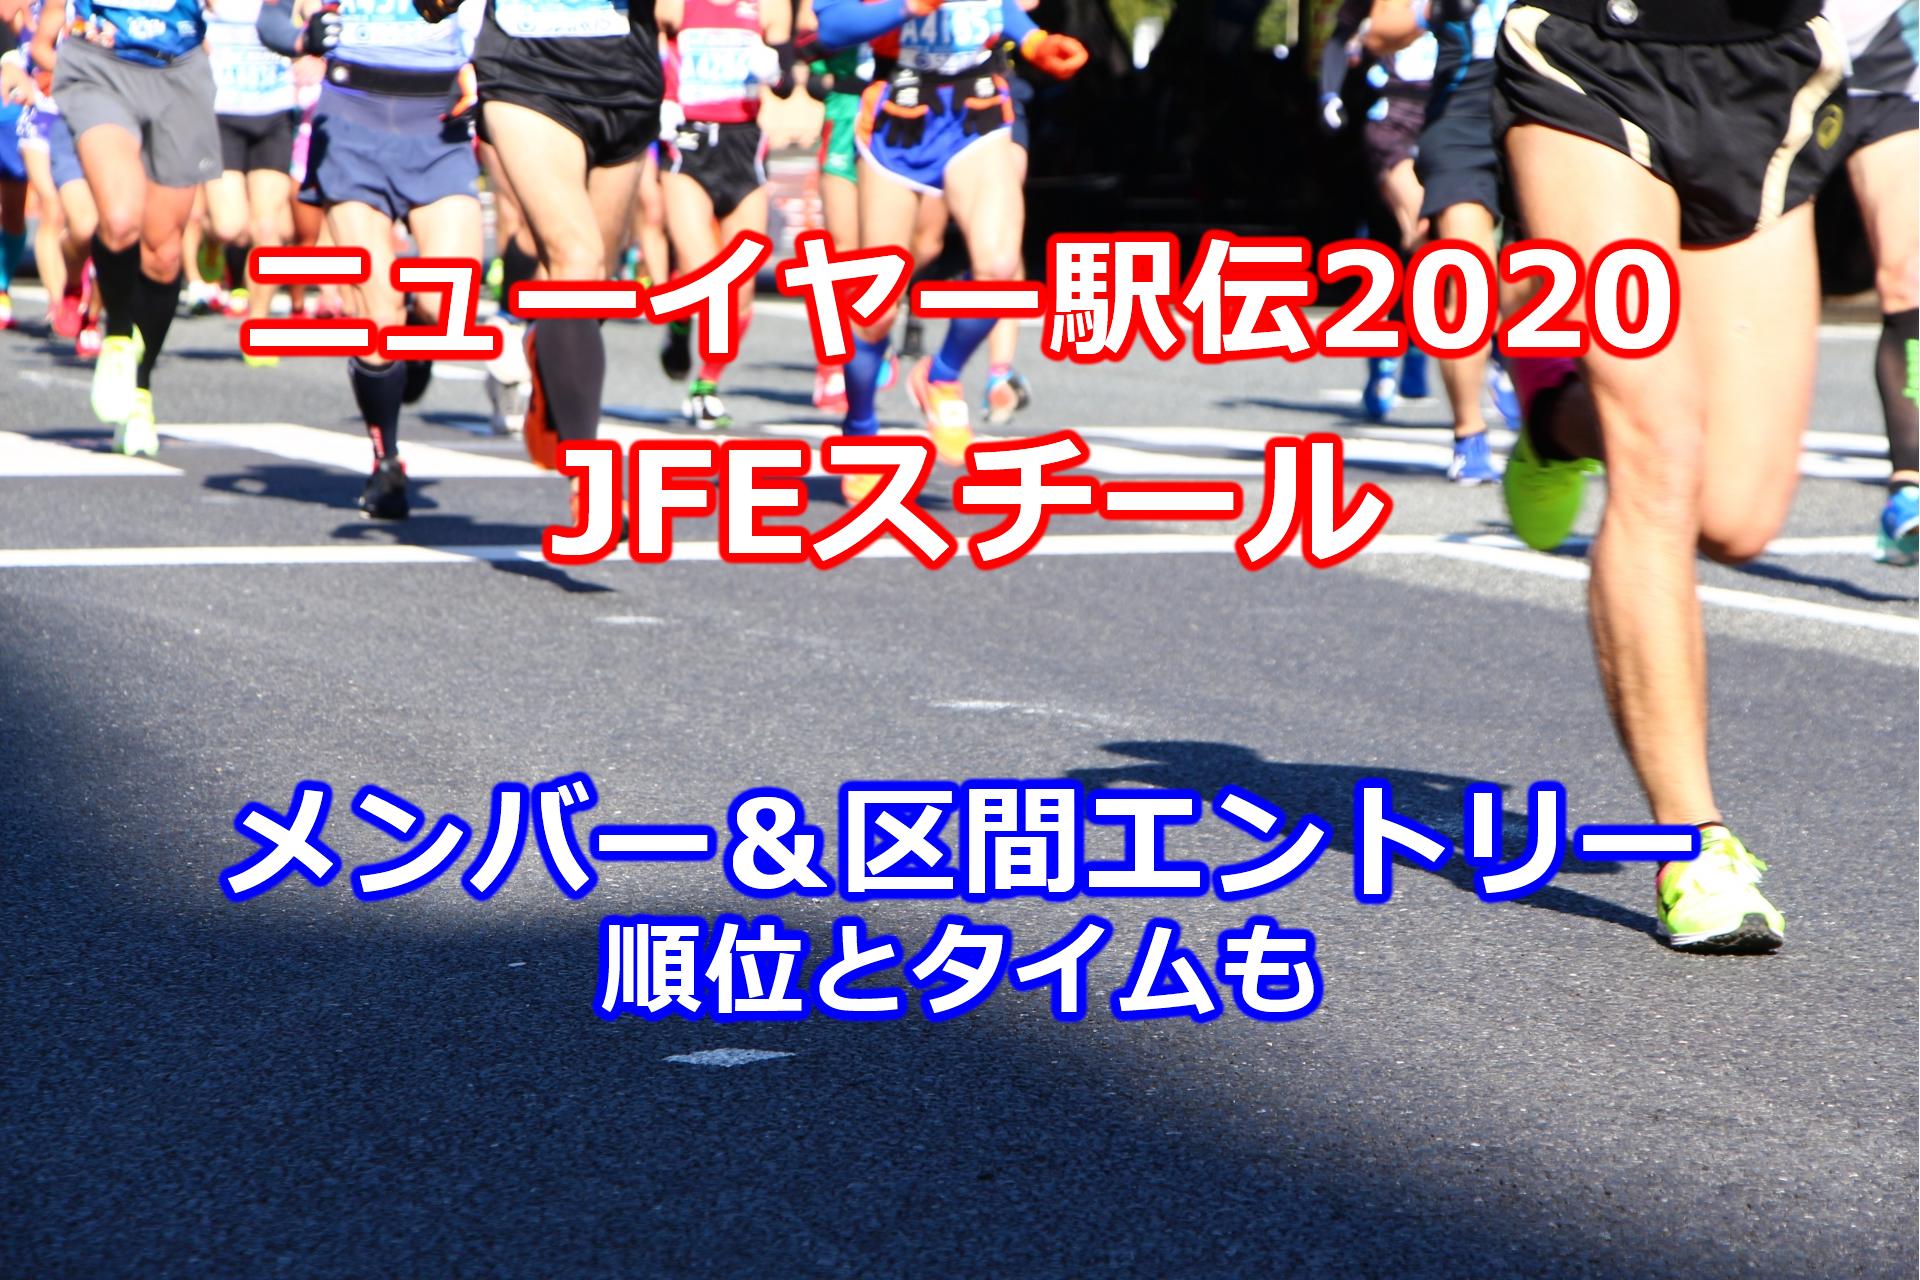 ニューイヤー駅伝2020JFEスチールメンバー・区間エントリー・結果・順位・タイムまとめ